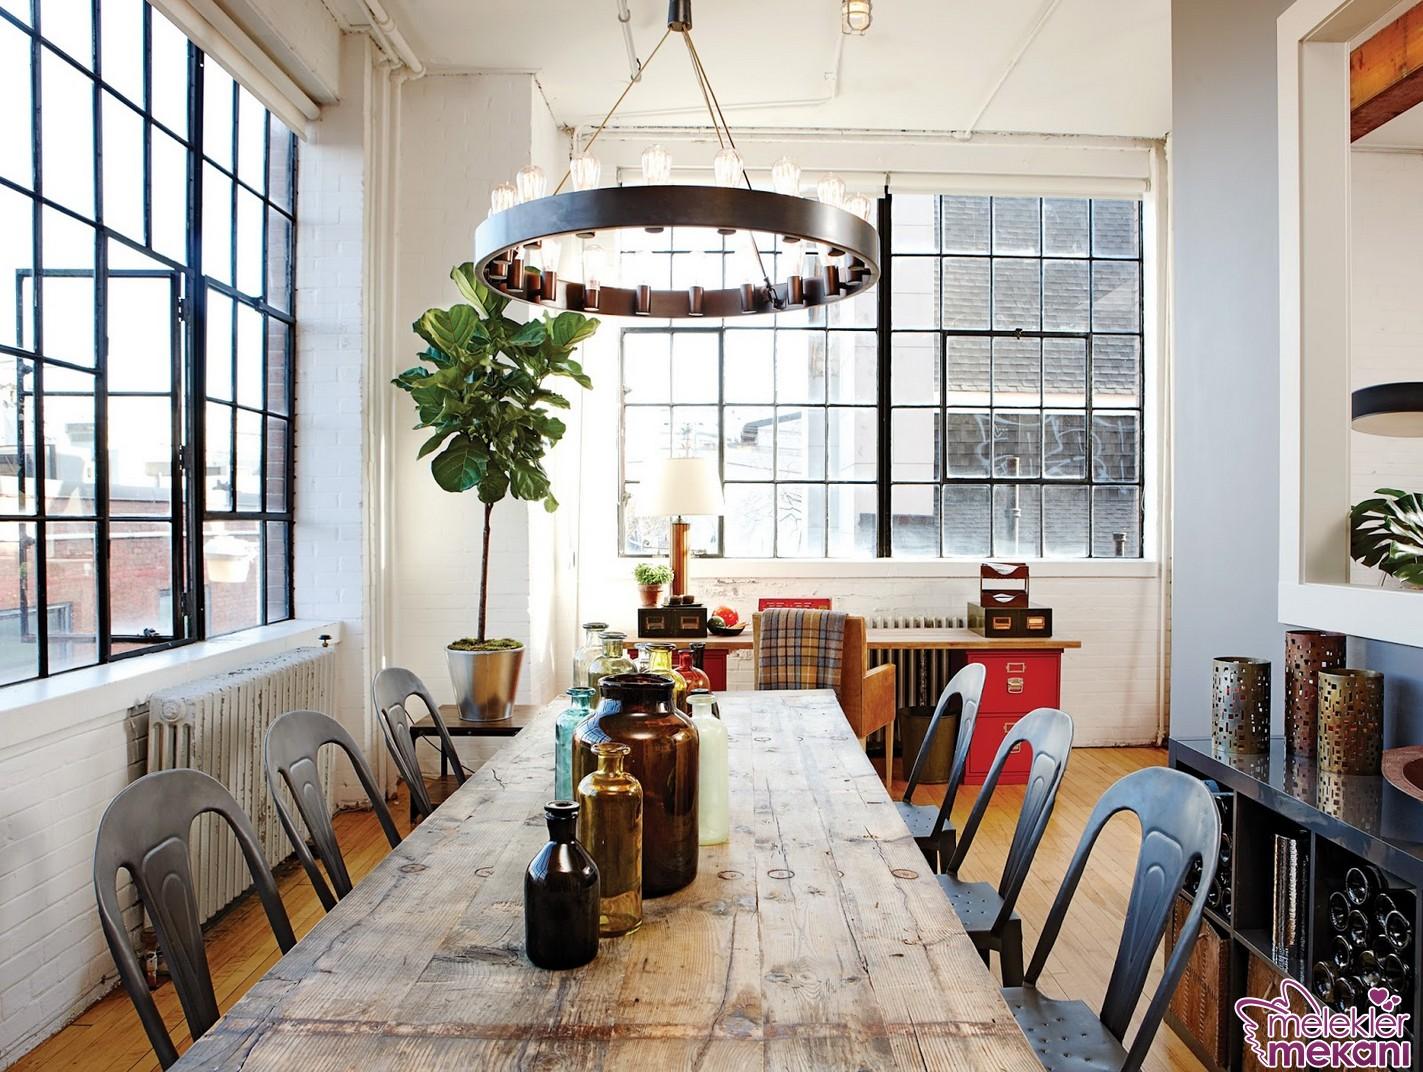 Loft stili yemek odası dekorasyonu gerçekleştirerek ferah ortamları yemek saatlerinizde yakından hissedebilirsiniz.